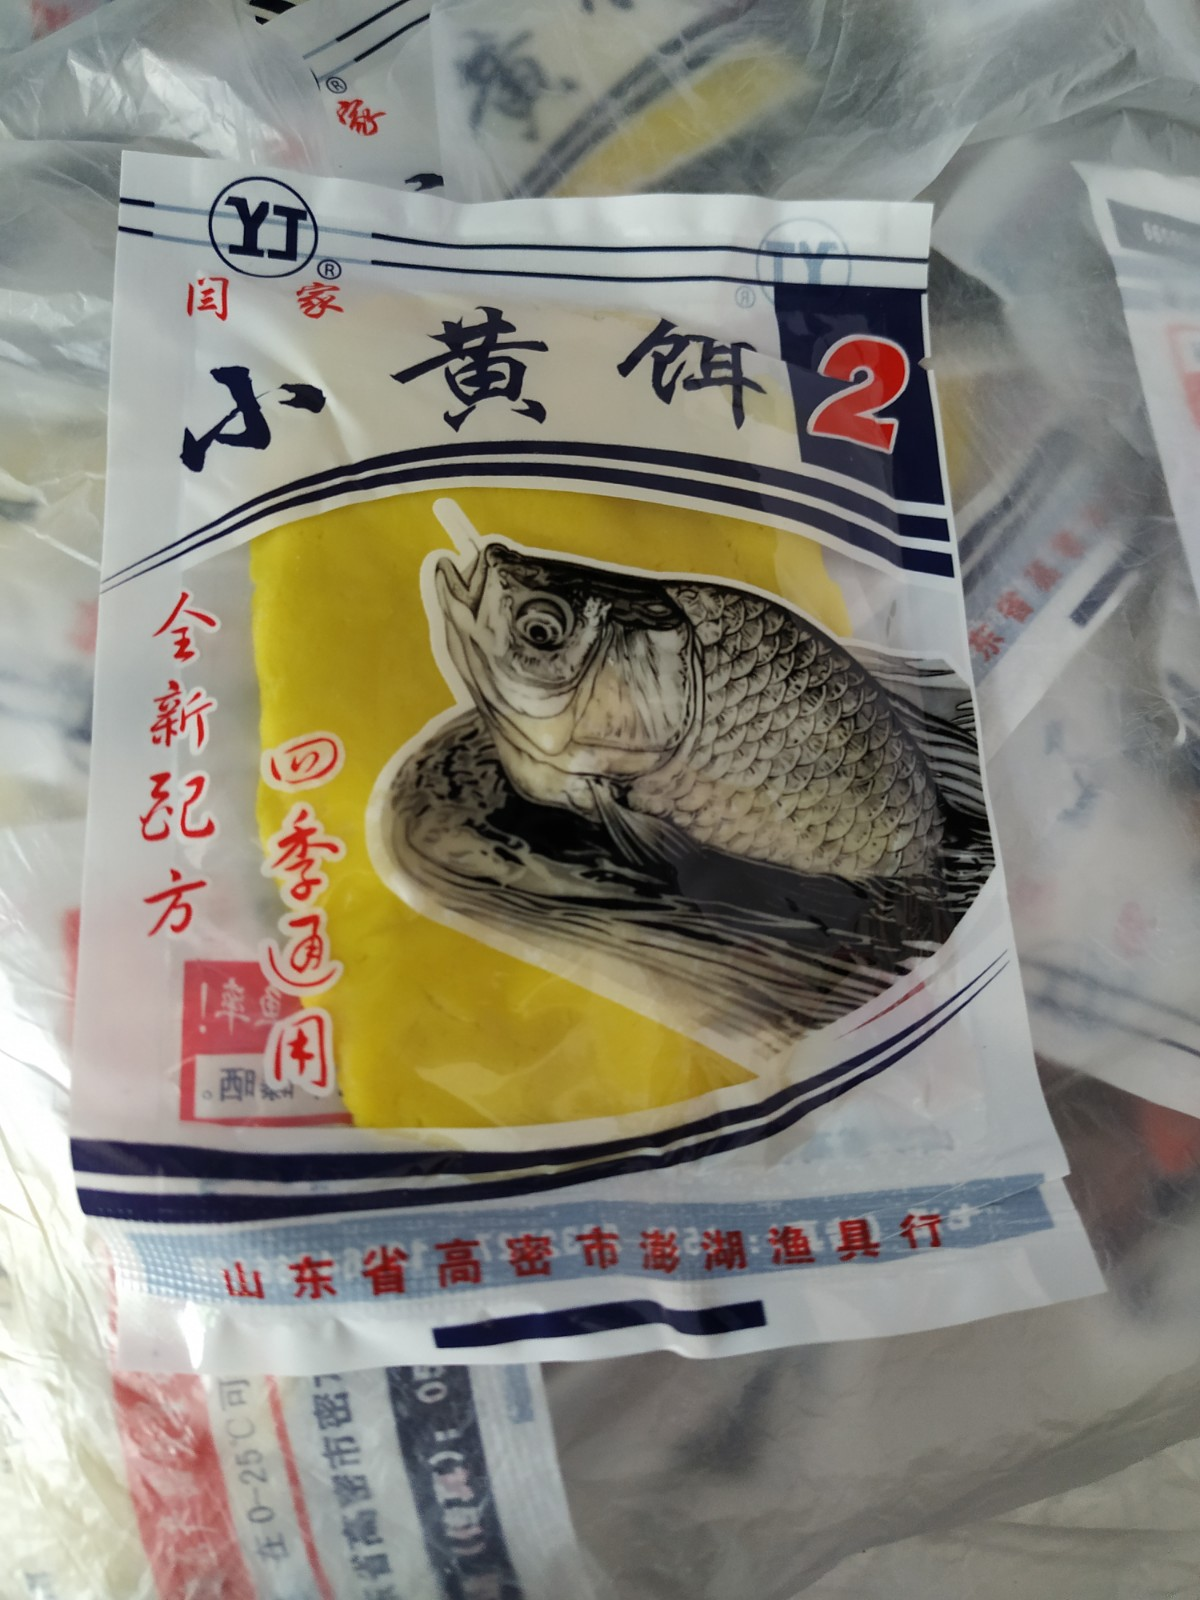 Authentic Gaomi yanjiaxiaohuang bait crucian carp bait for nesting and fishing